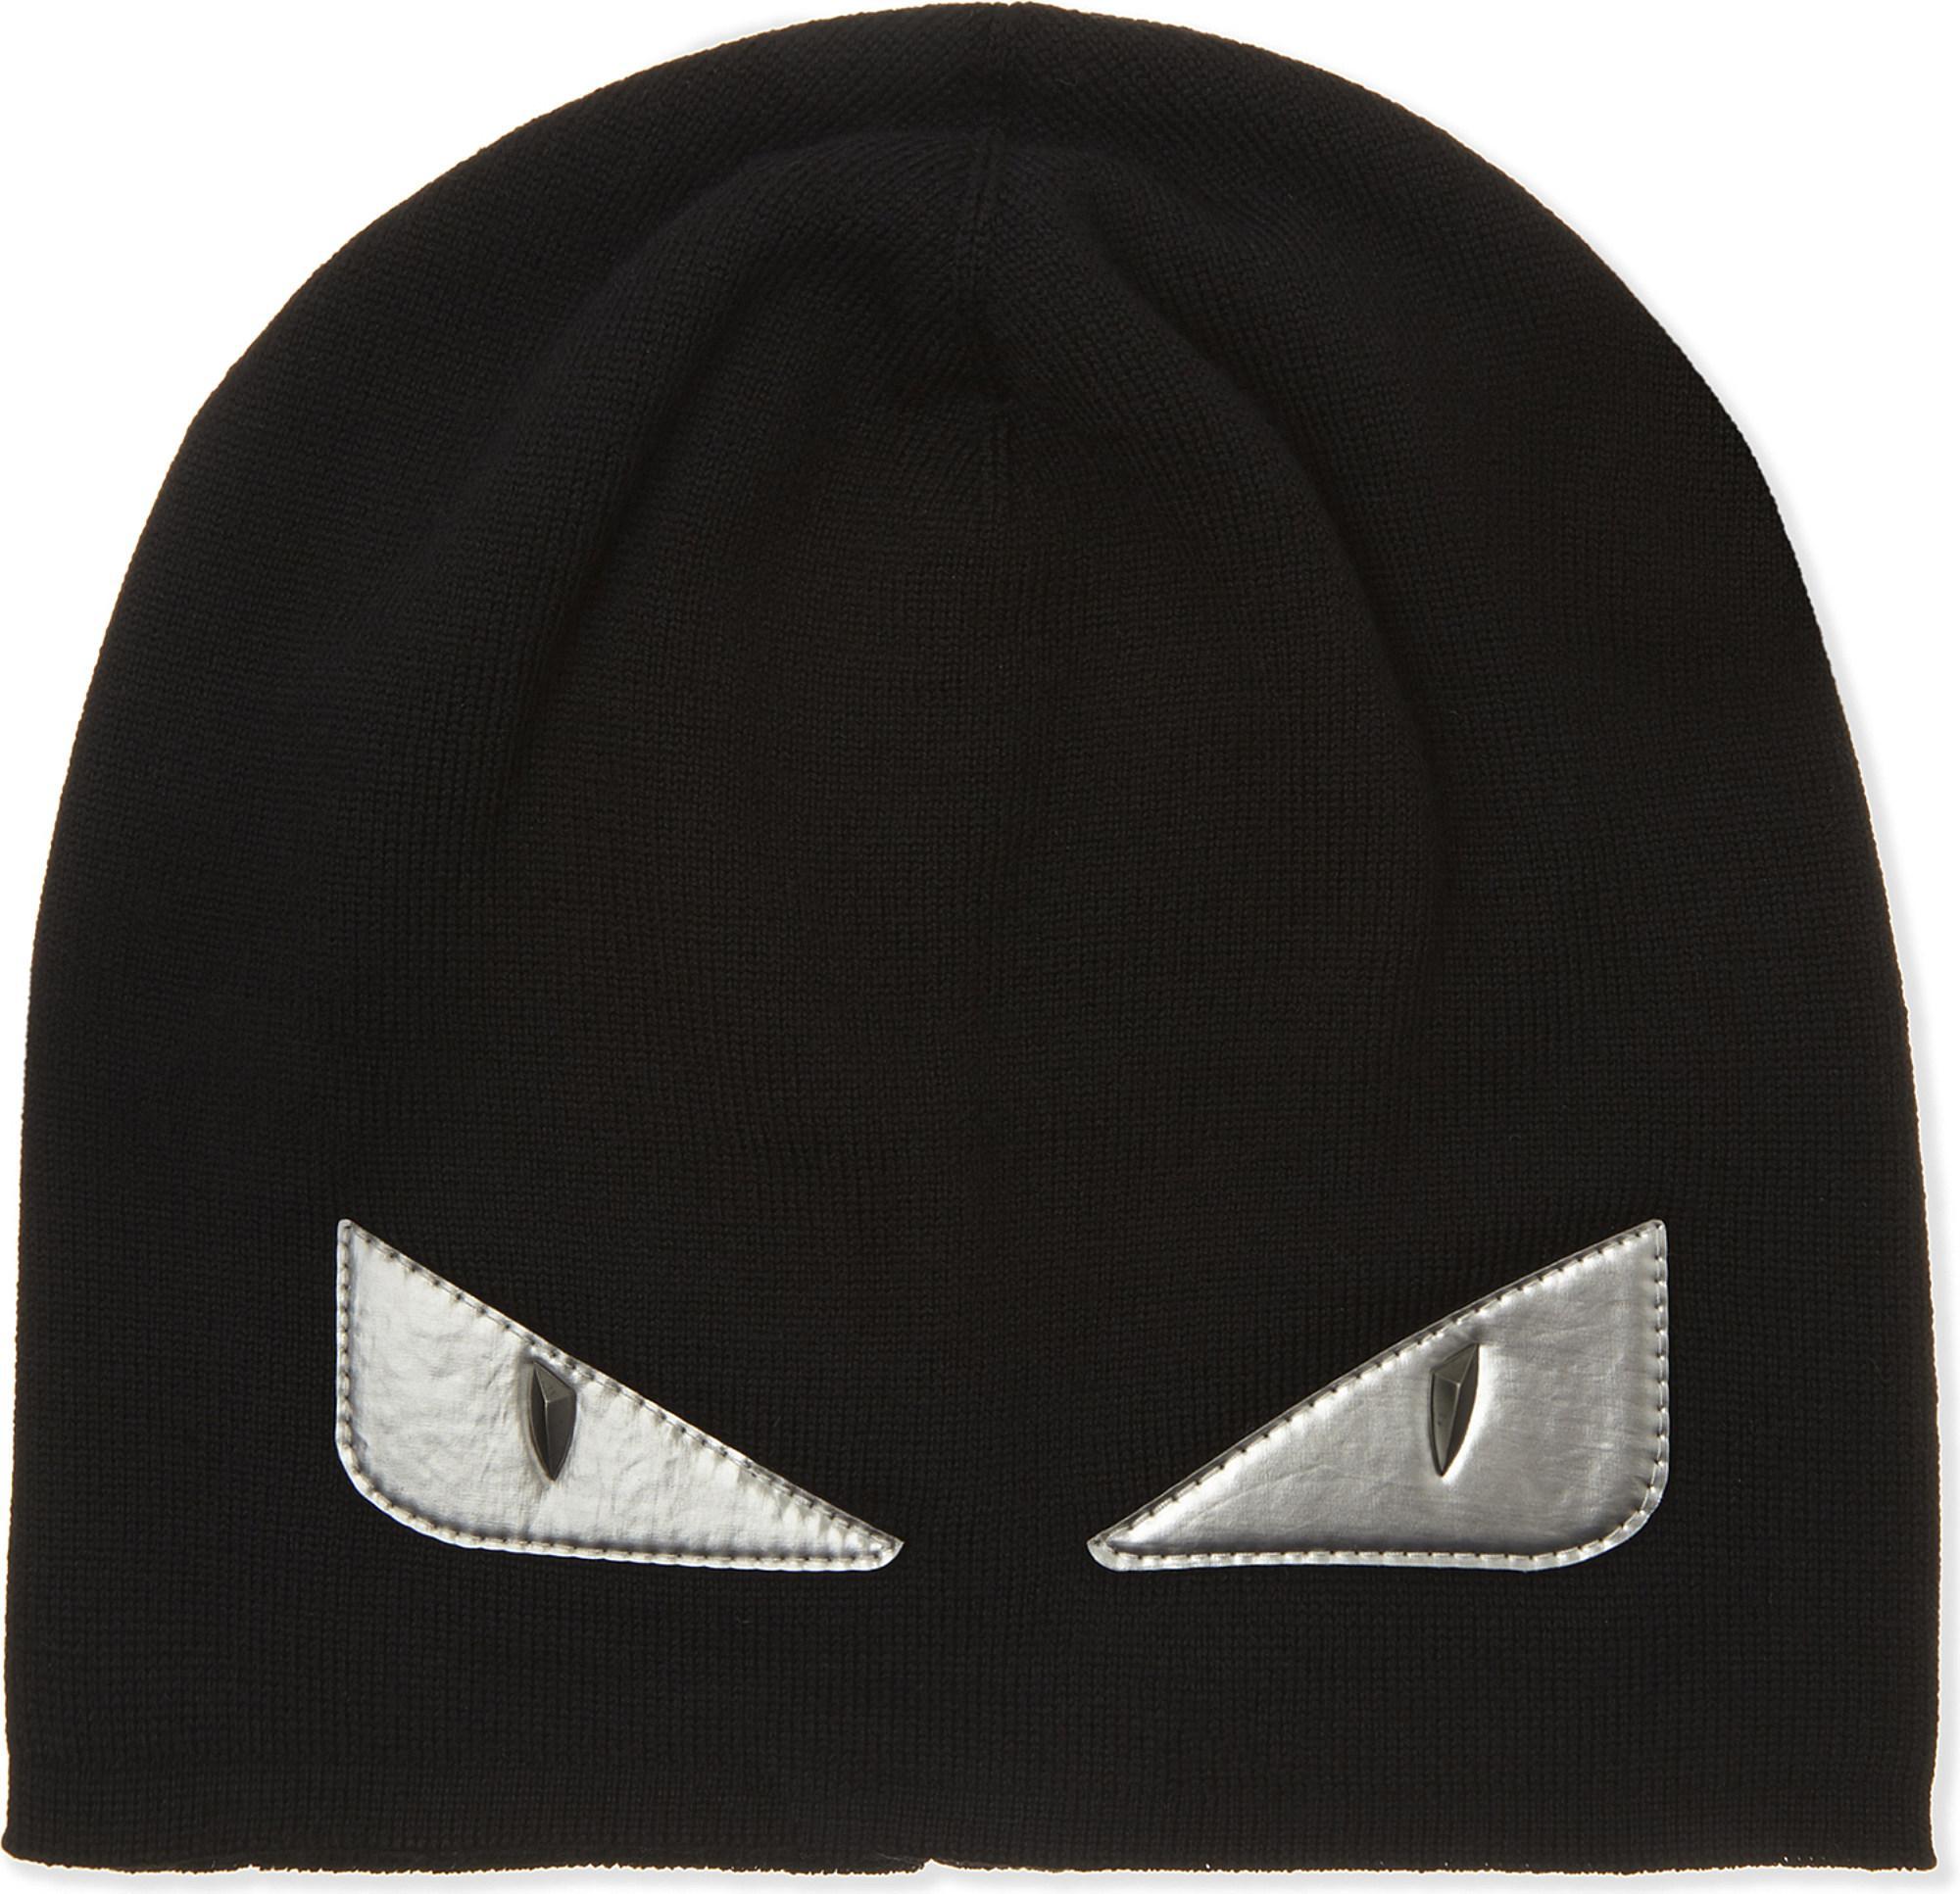 95404ce36f85f6 Fendi Monster Eyes Hat in Black for Men - Lyst